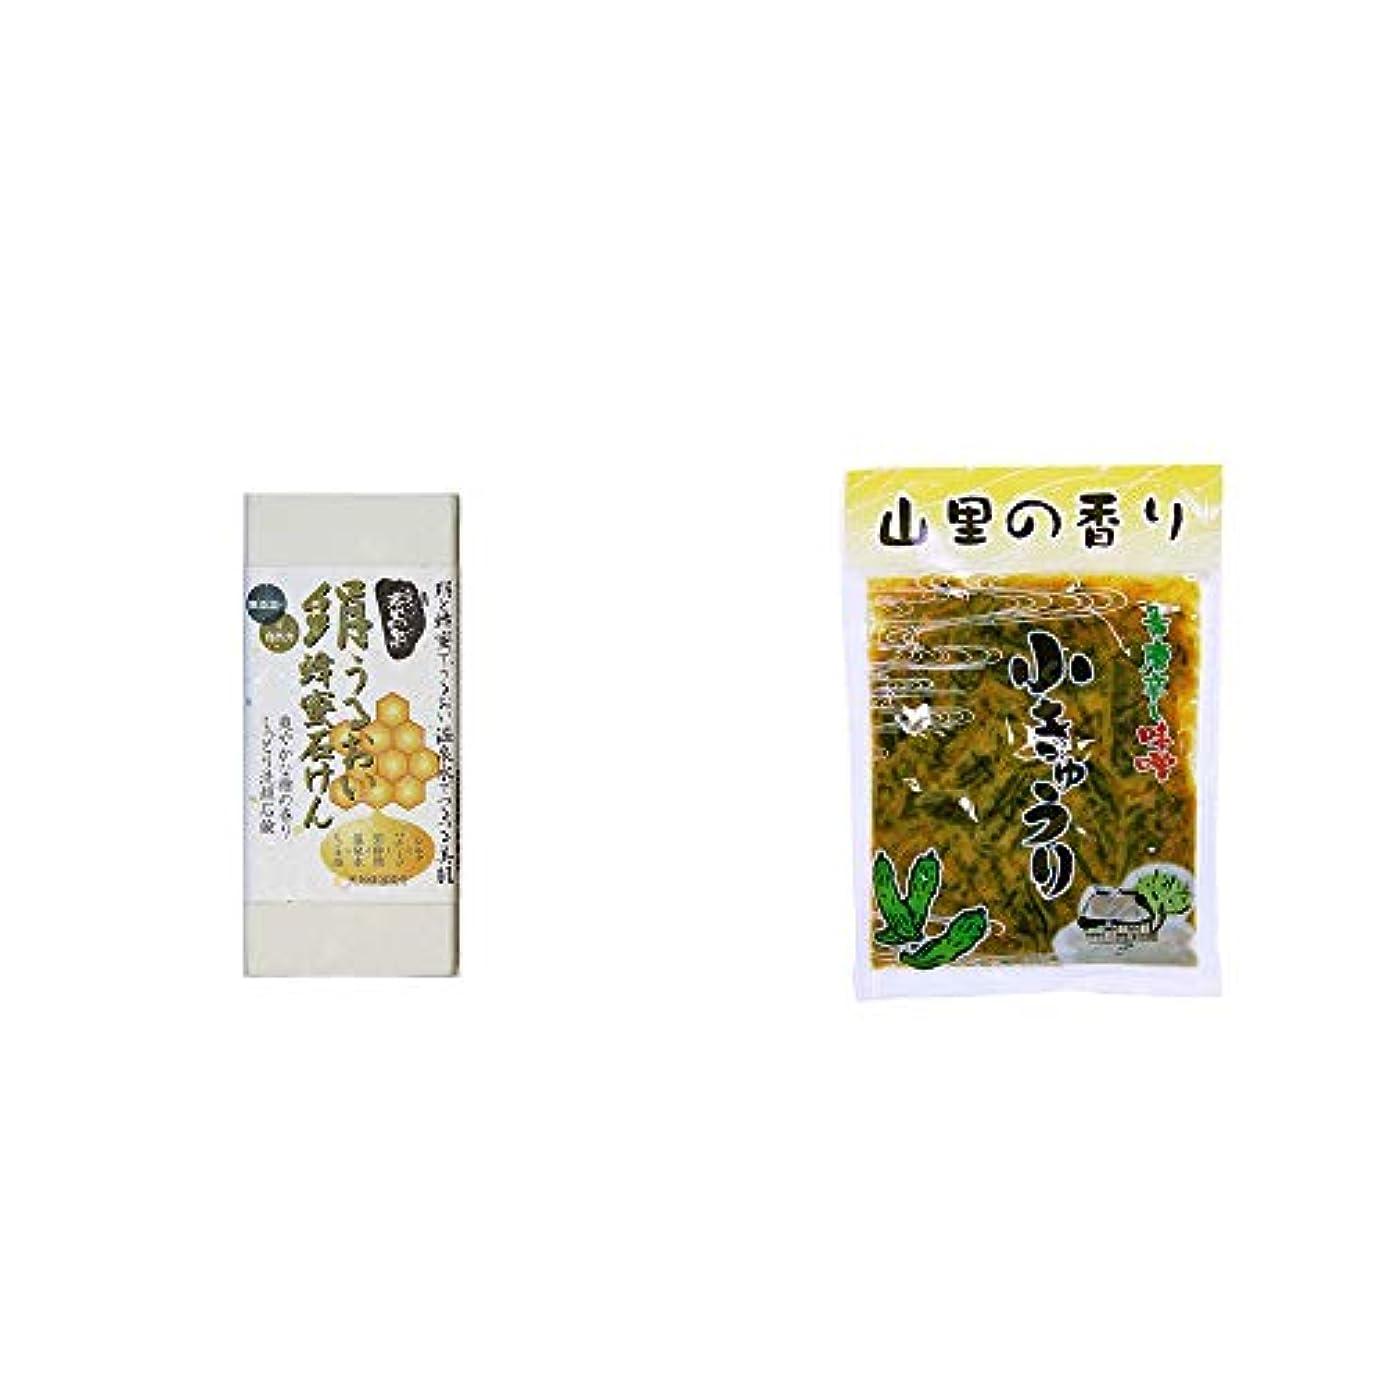 たまに作りますリスナー[2点セット] ひのき炭黒泉 絹うるおい蜂蜜石けん(75g×2)?山里の香り 青唐辛し味噌 小きゅうり(250g)